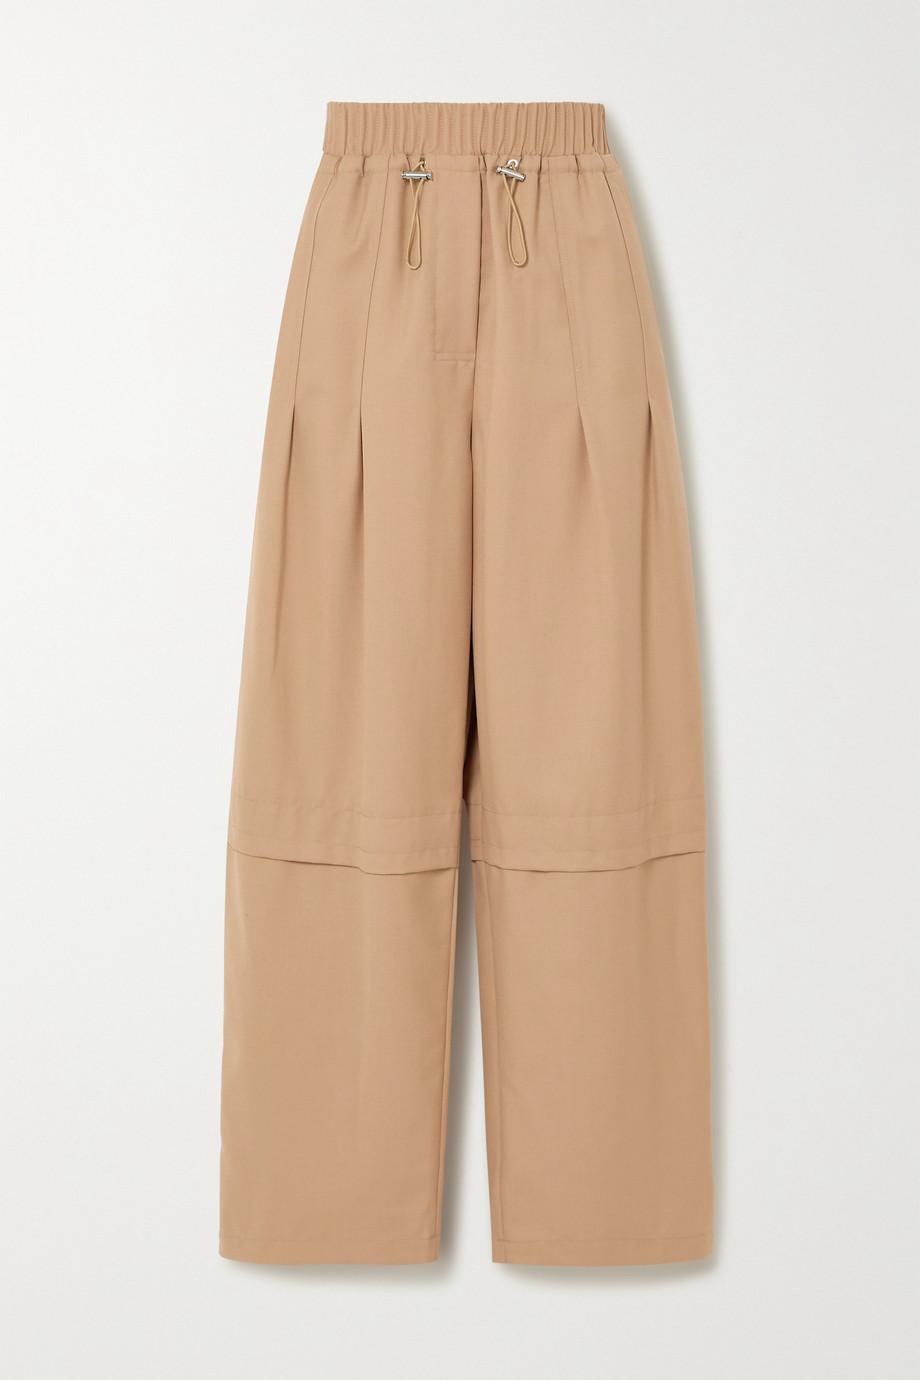 3.1 Phillip Lim Serge 羊毛混纺斜纹布直筒裤